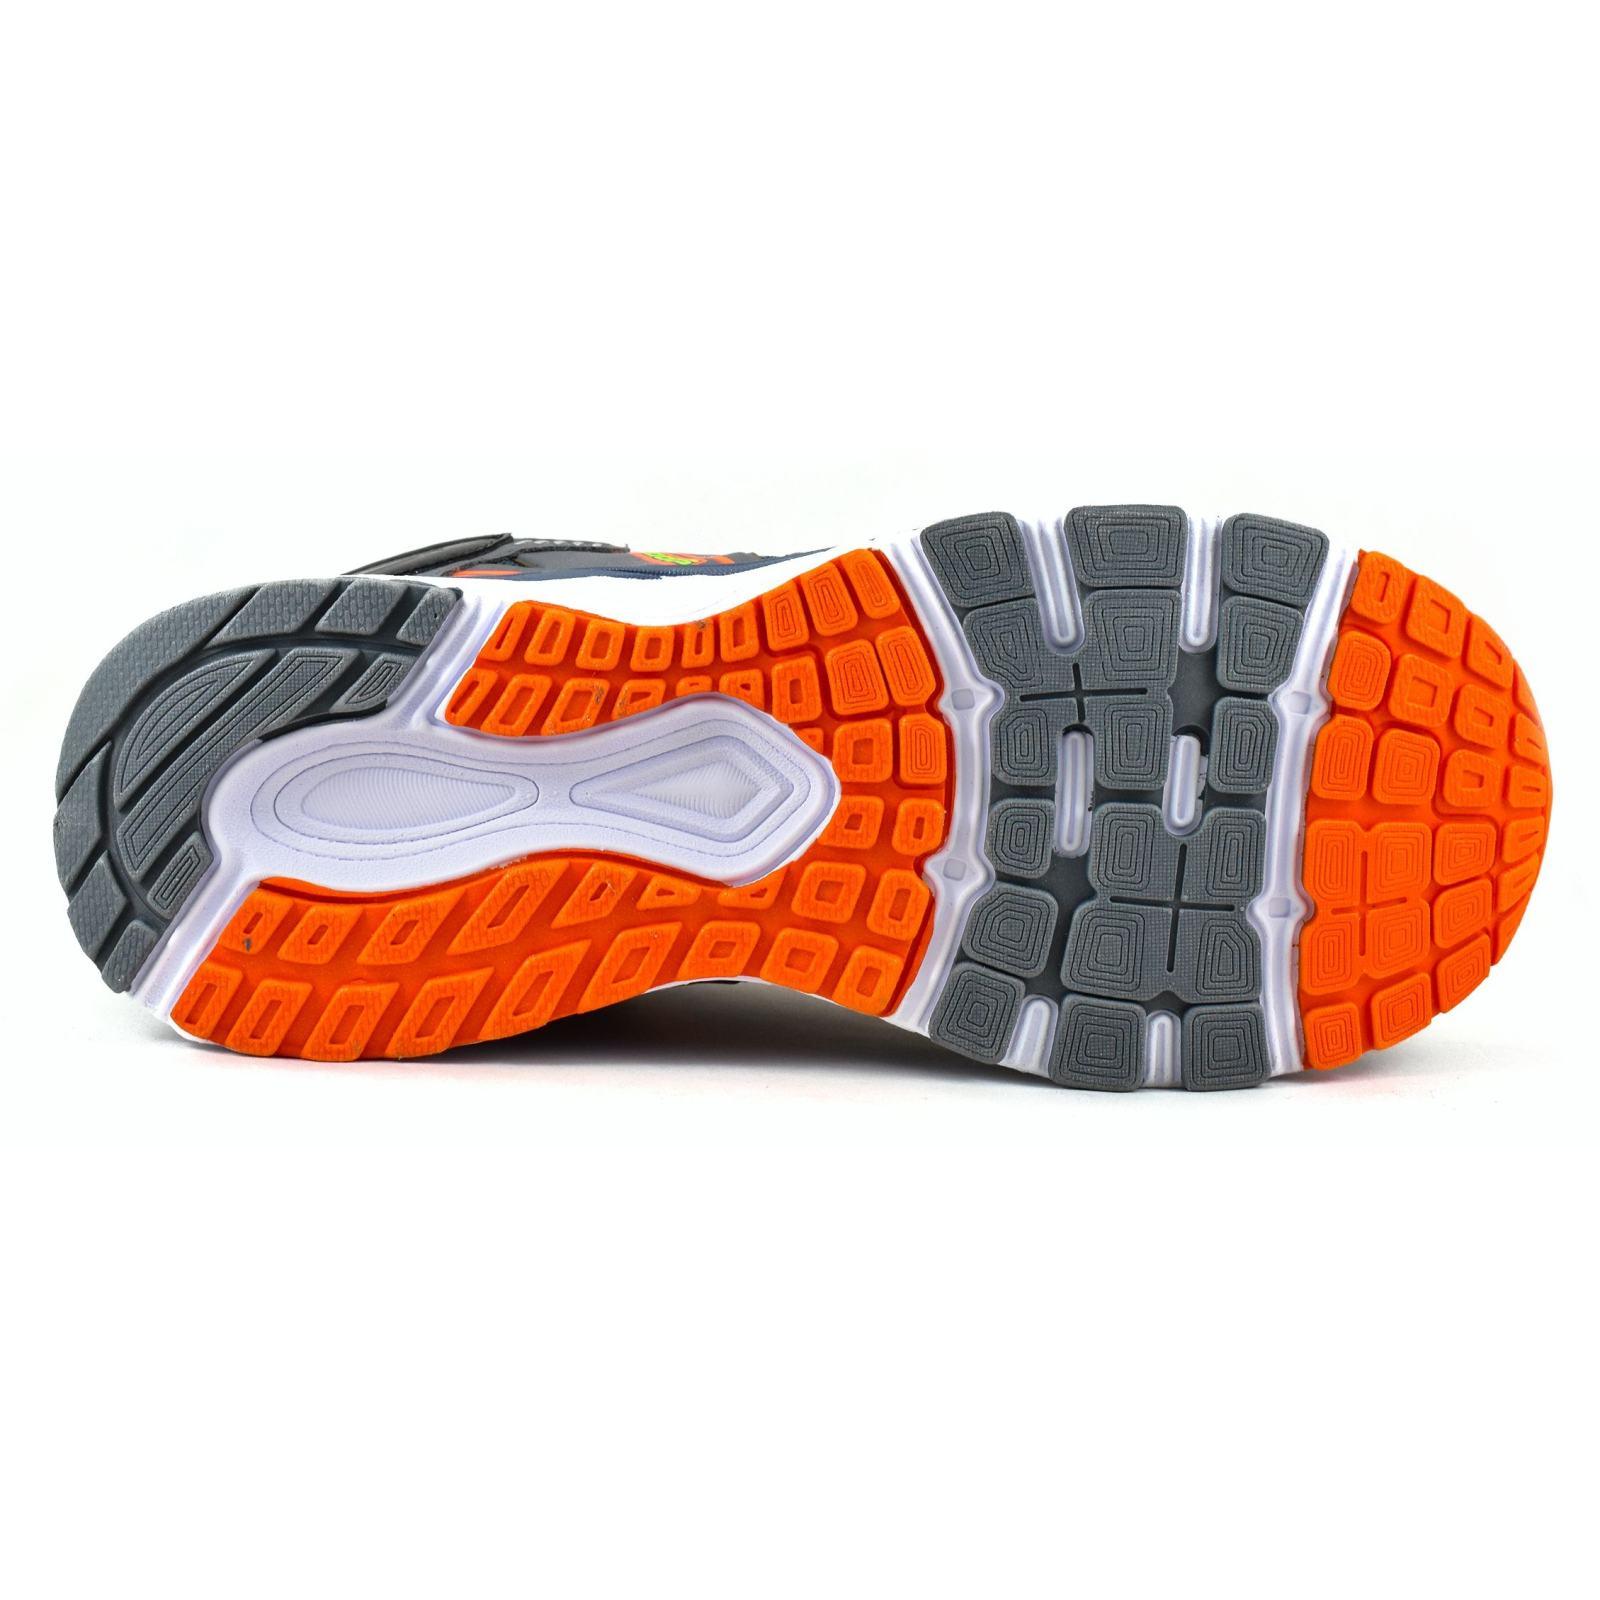 کفش مخصوص پیاده روی مردانه پادوس مدل لوییس کد 4788 main 1 7